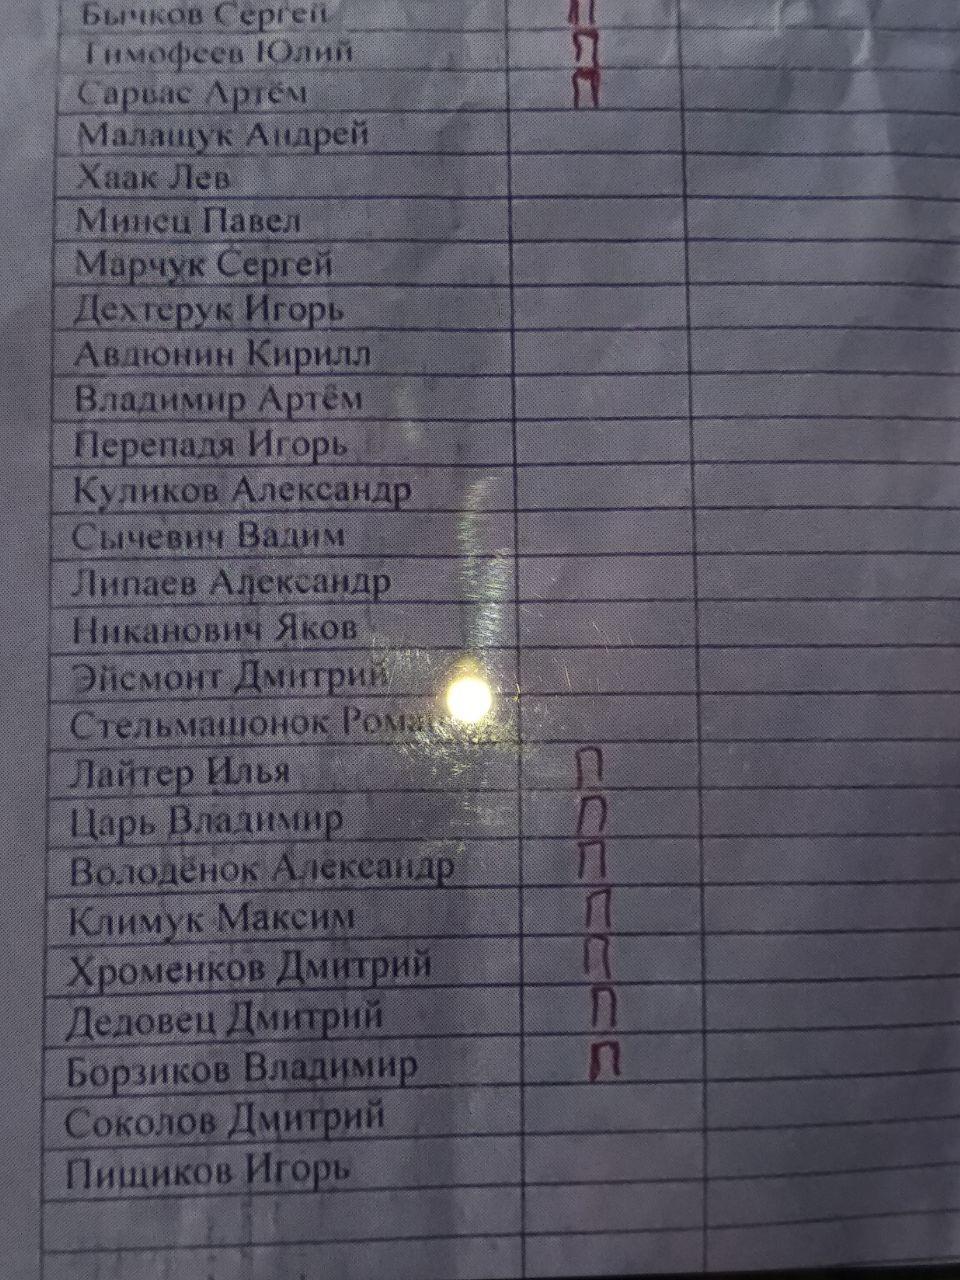 Ищите пропавшего человека, который не вернулся с протестов? Вот списки, кто в ИВС Бреста